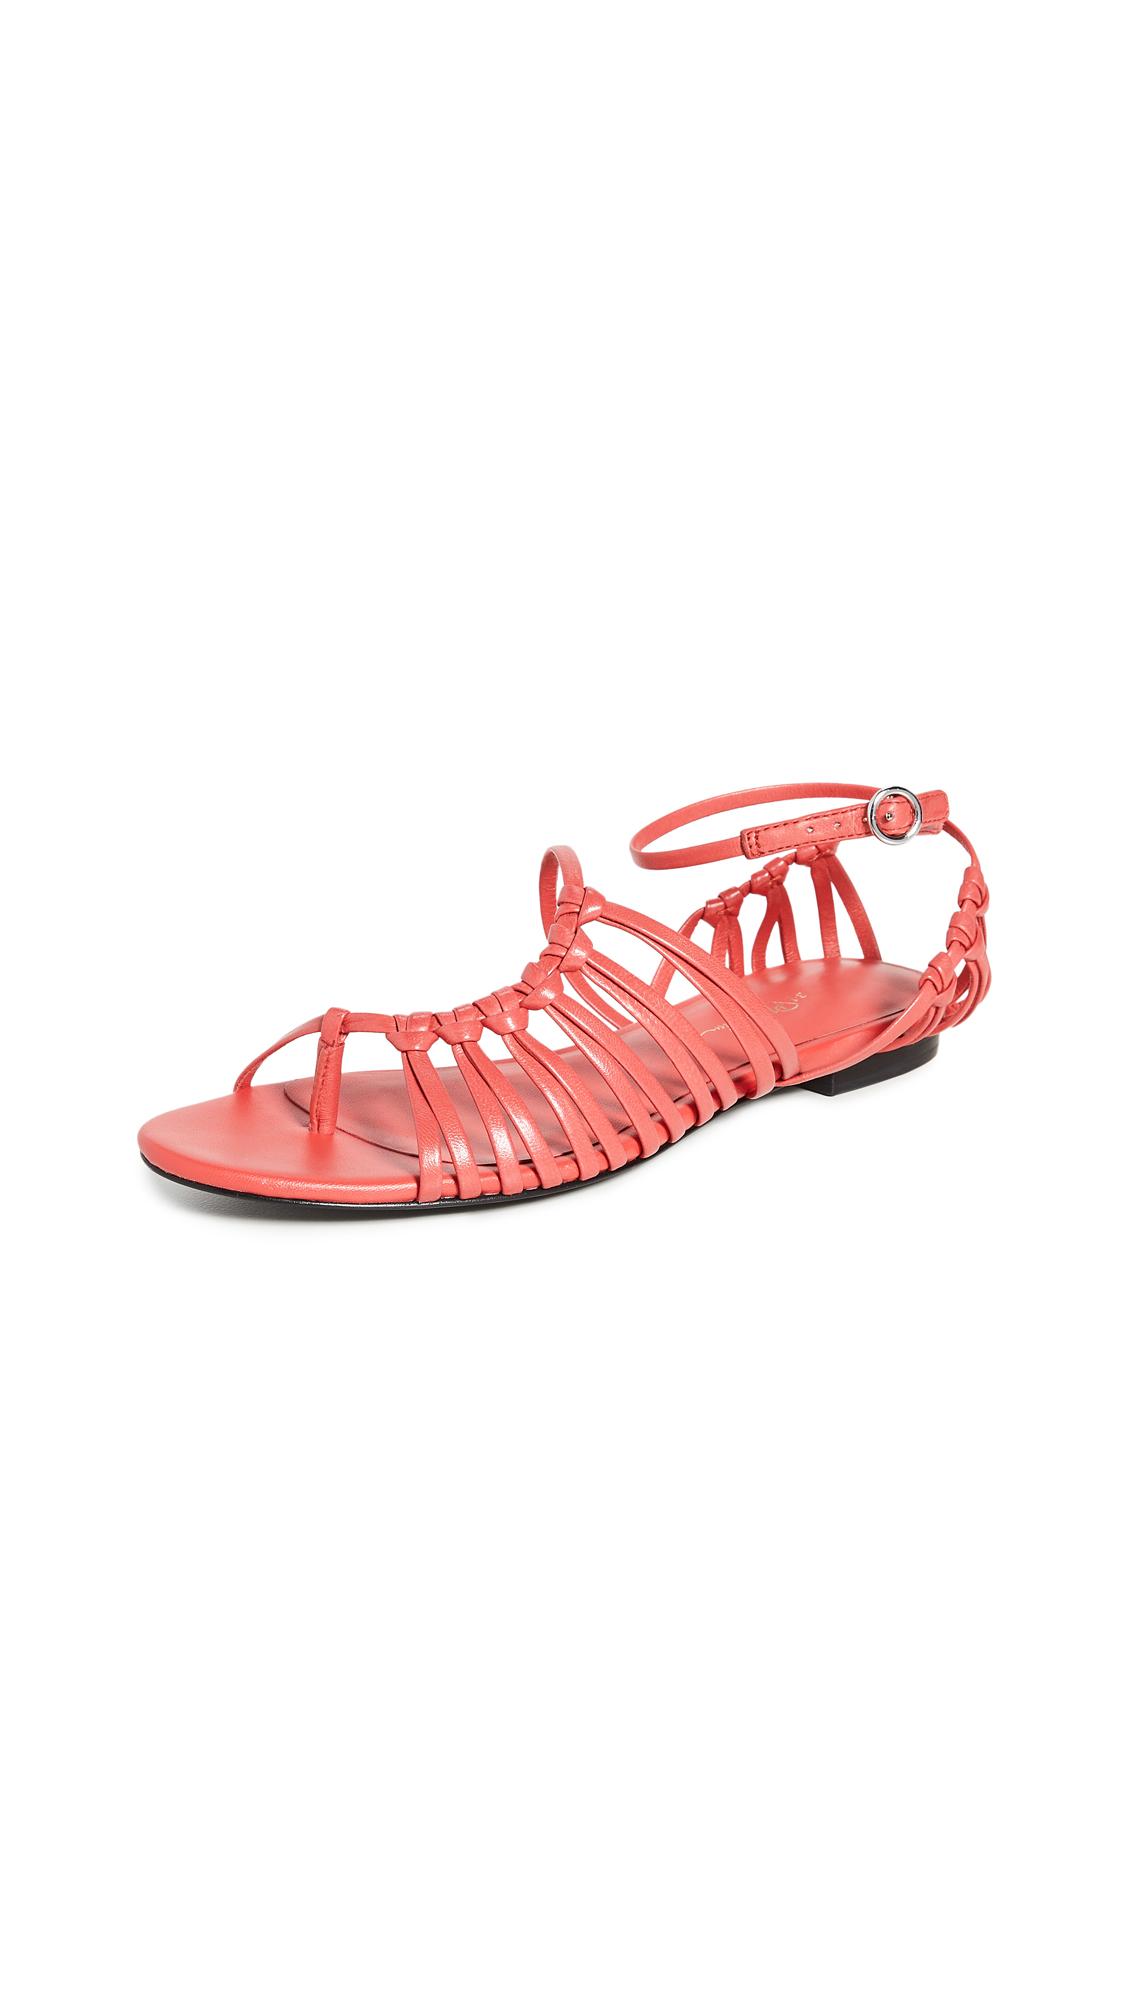 Buy 3.1 Phillip Lim Lily Flat Sandals online, shop 3.1 Phillip Lim